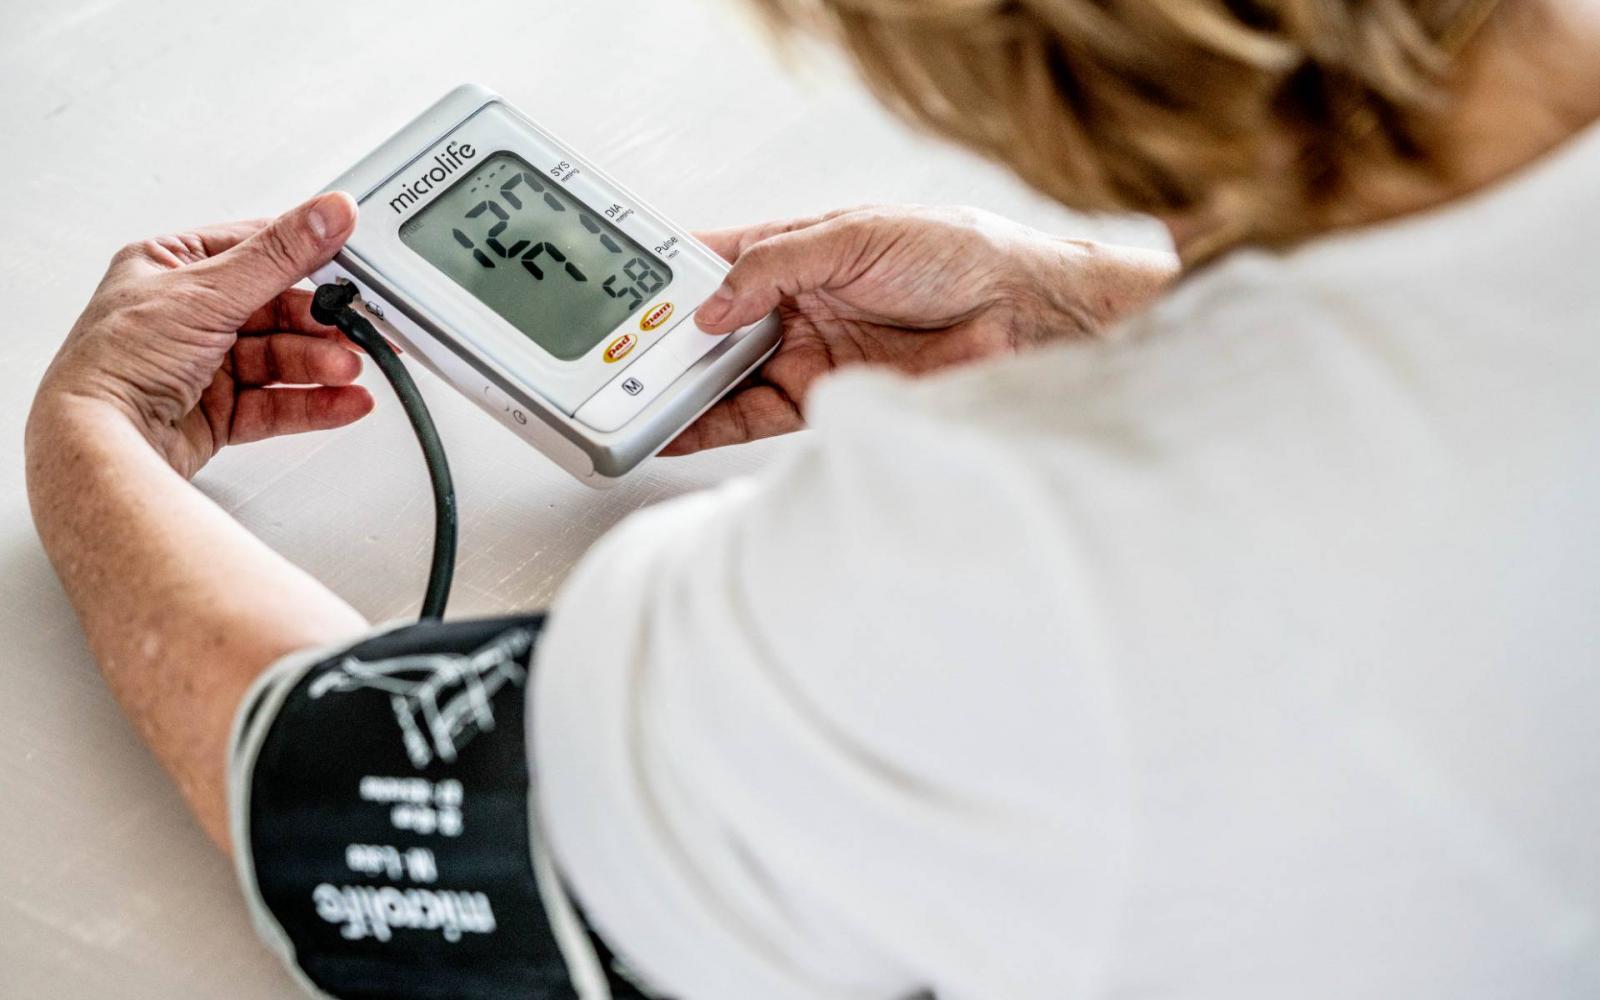 hogyan lehet a 2 fokozatú magas vérnyomást előállítani szív- és magas vérnyomás